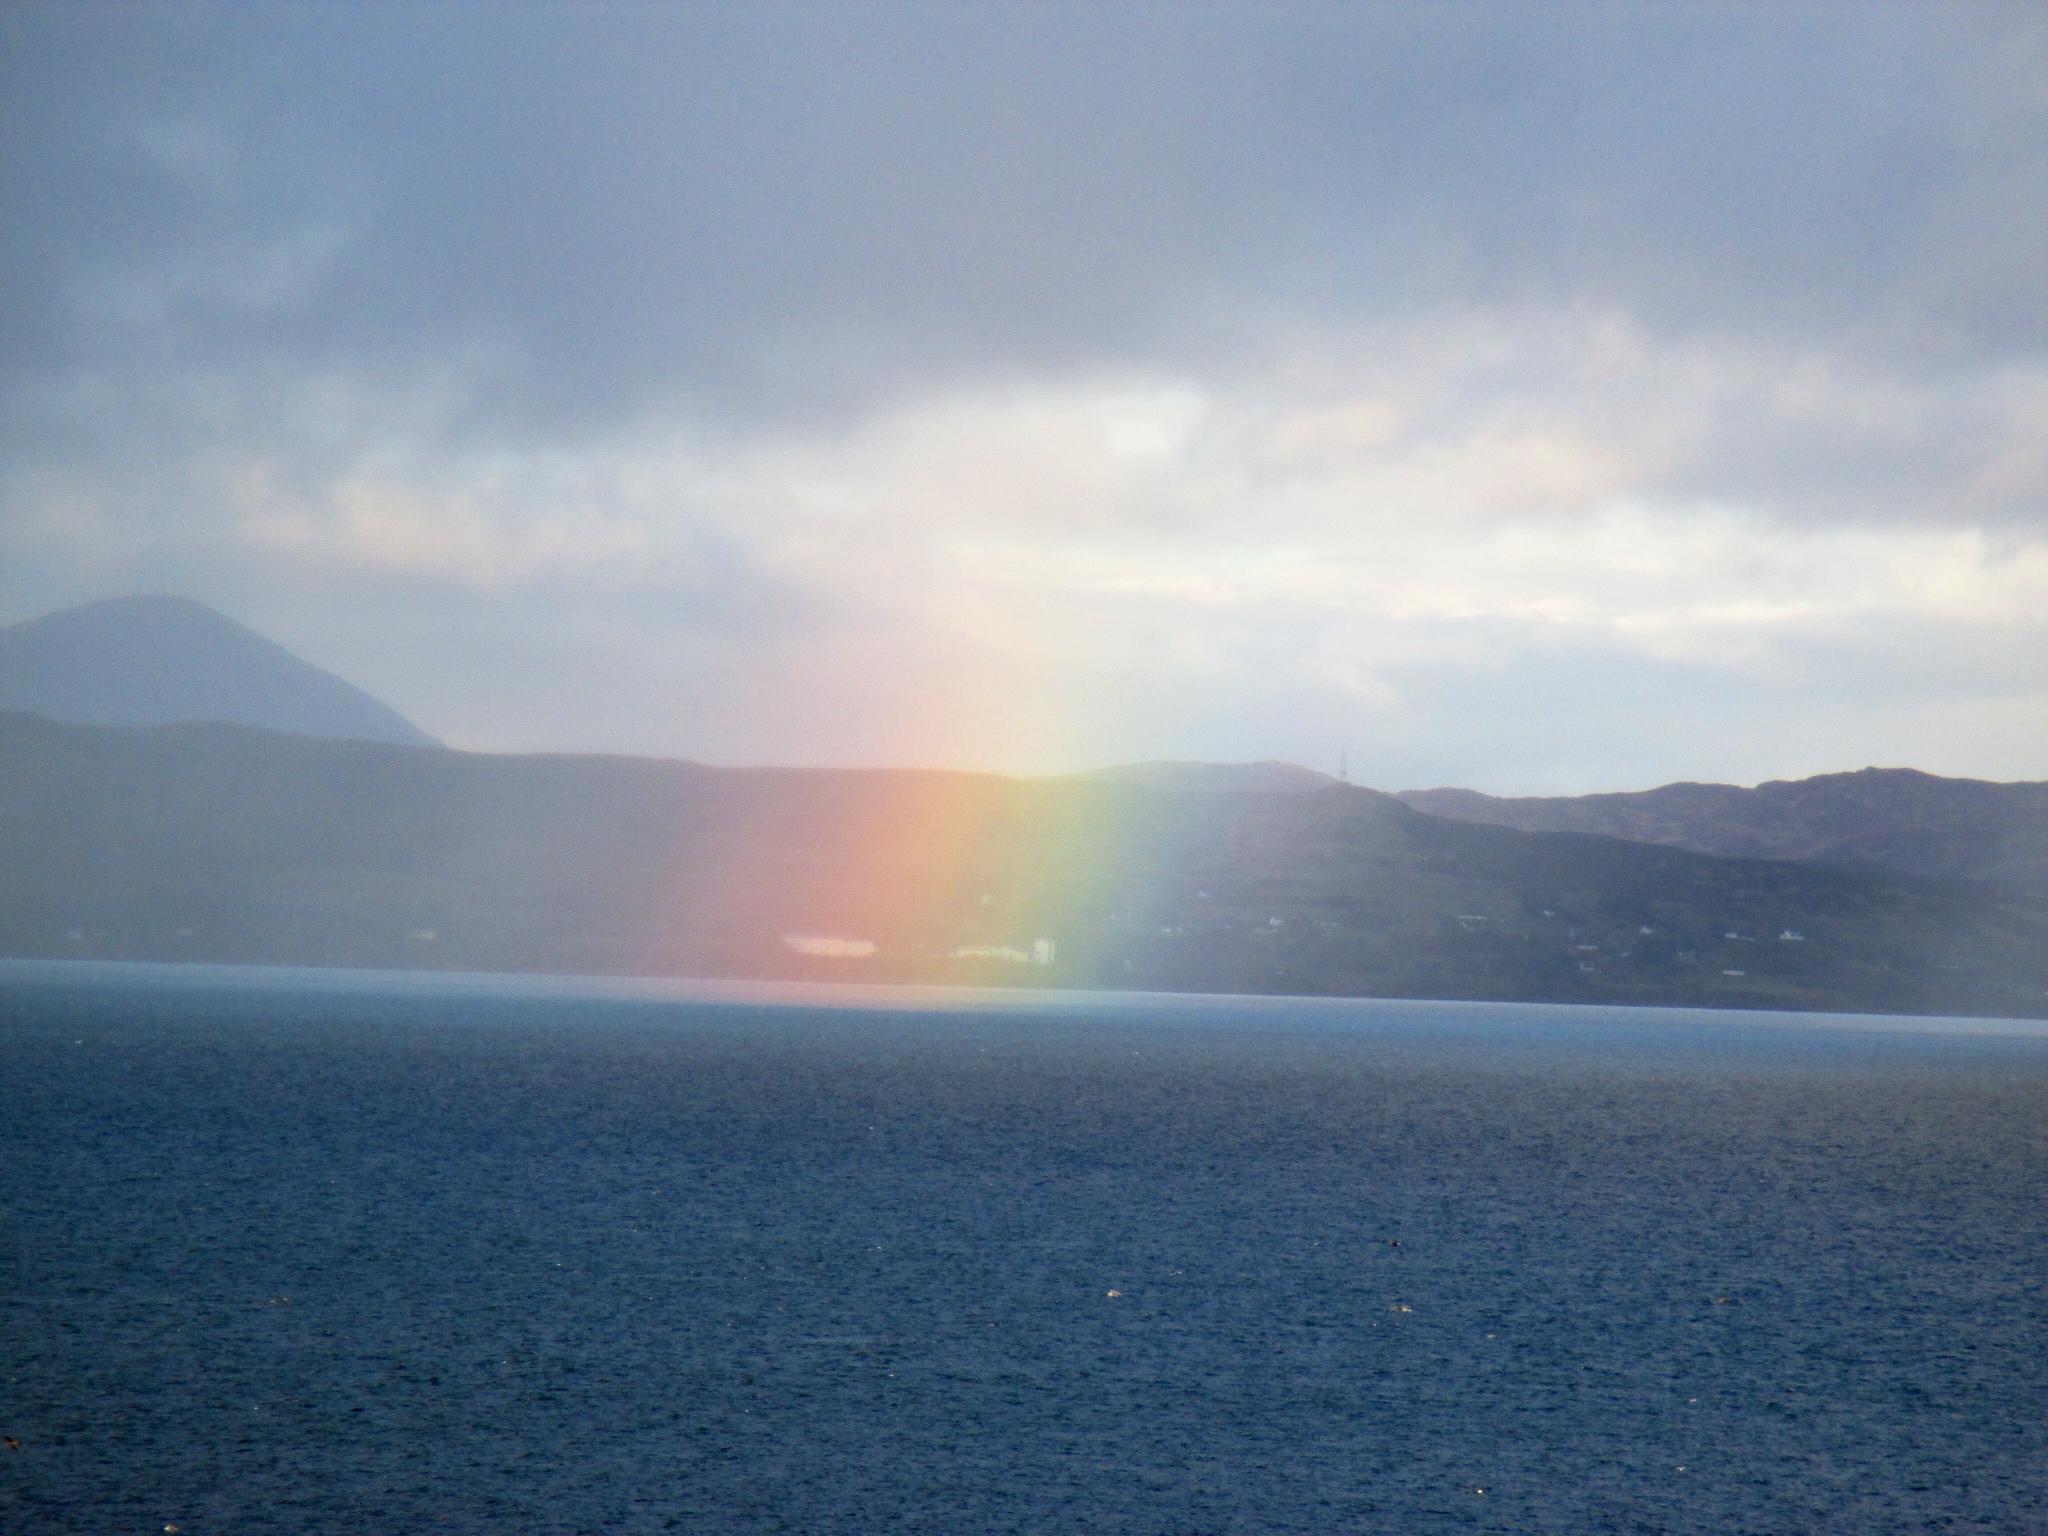 Rainbow, Mallaig, Scotland